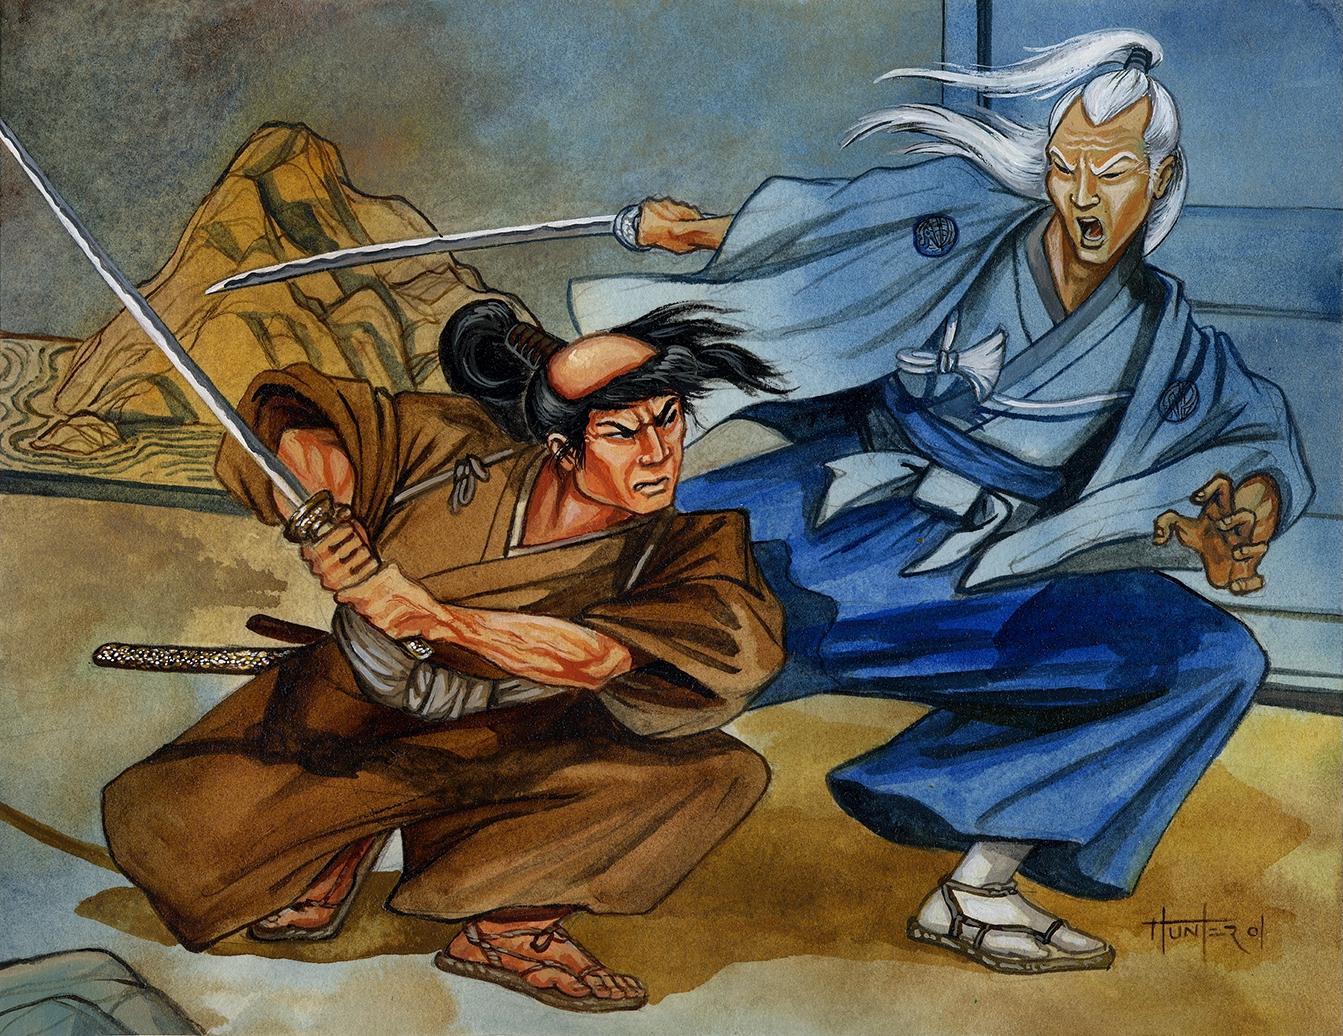 File:Kaiten duels Kaneka.jpg